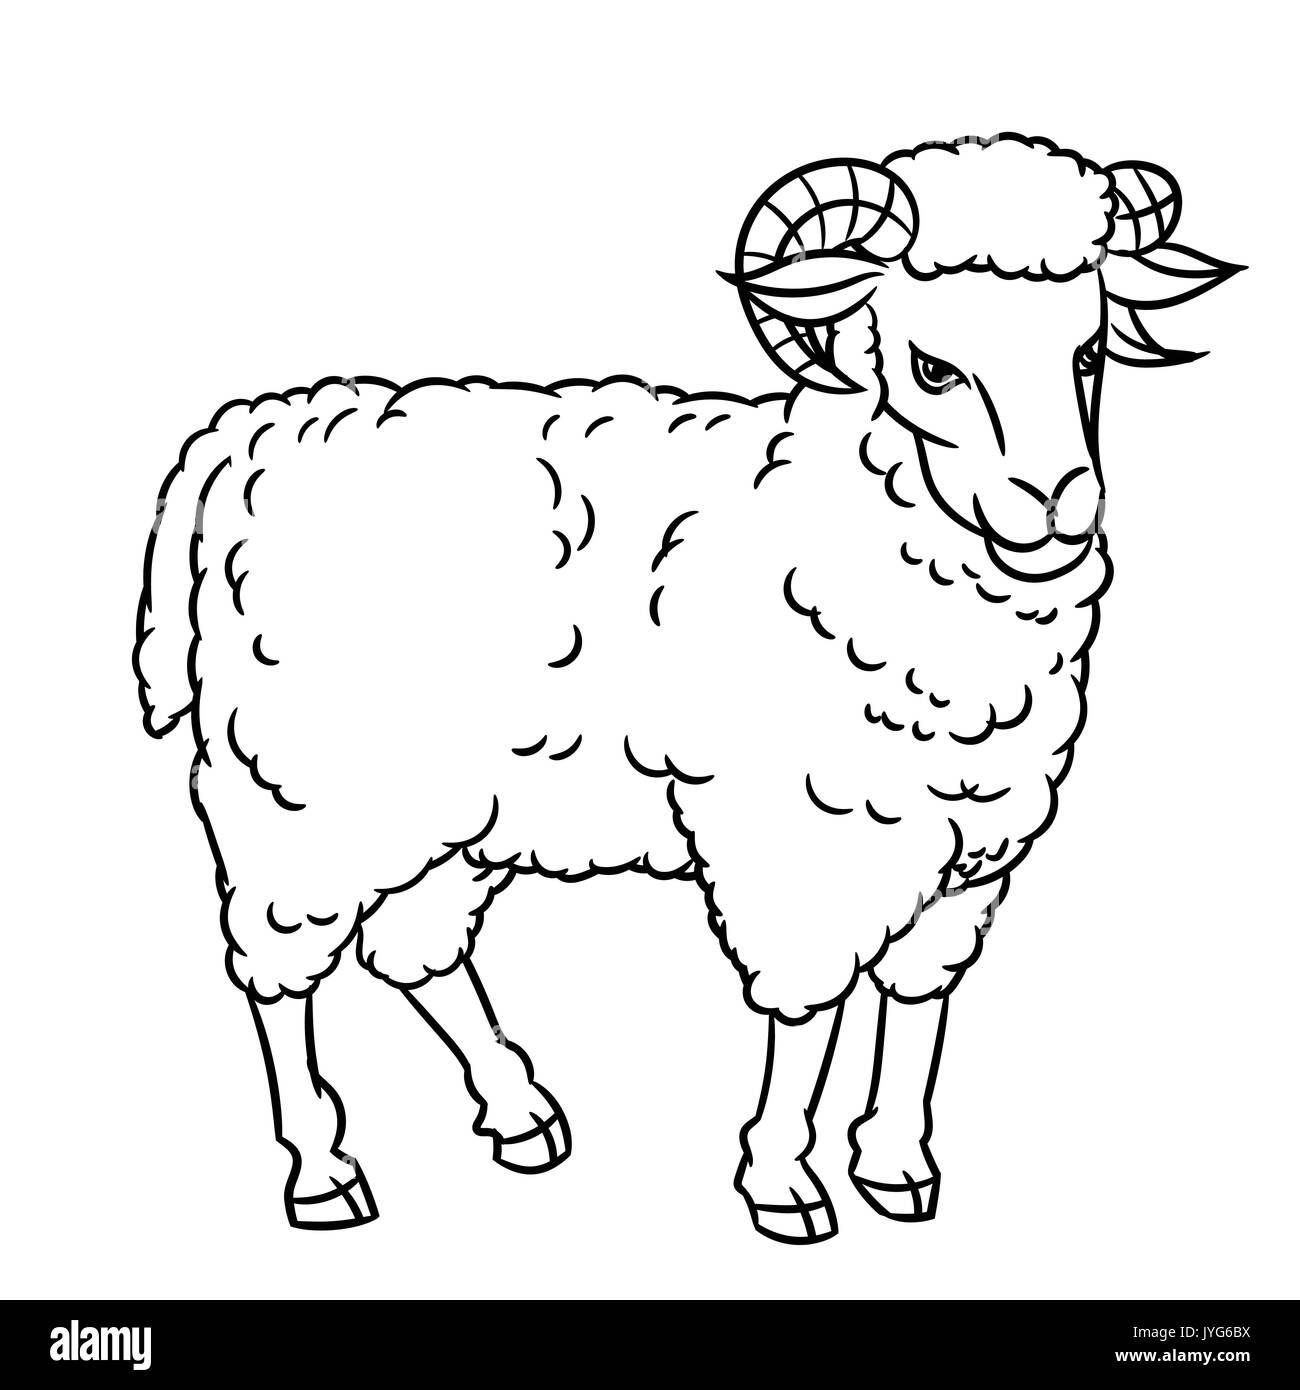 Disegno A Mano Pecore Animali Da Fattoria Set Disegna Un Grafico